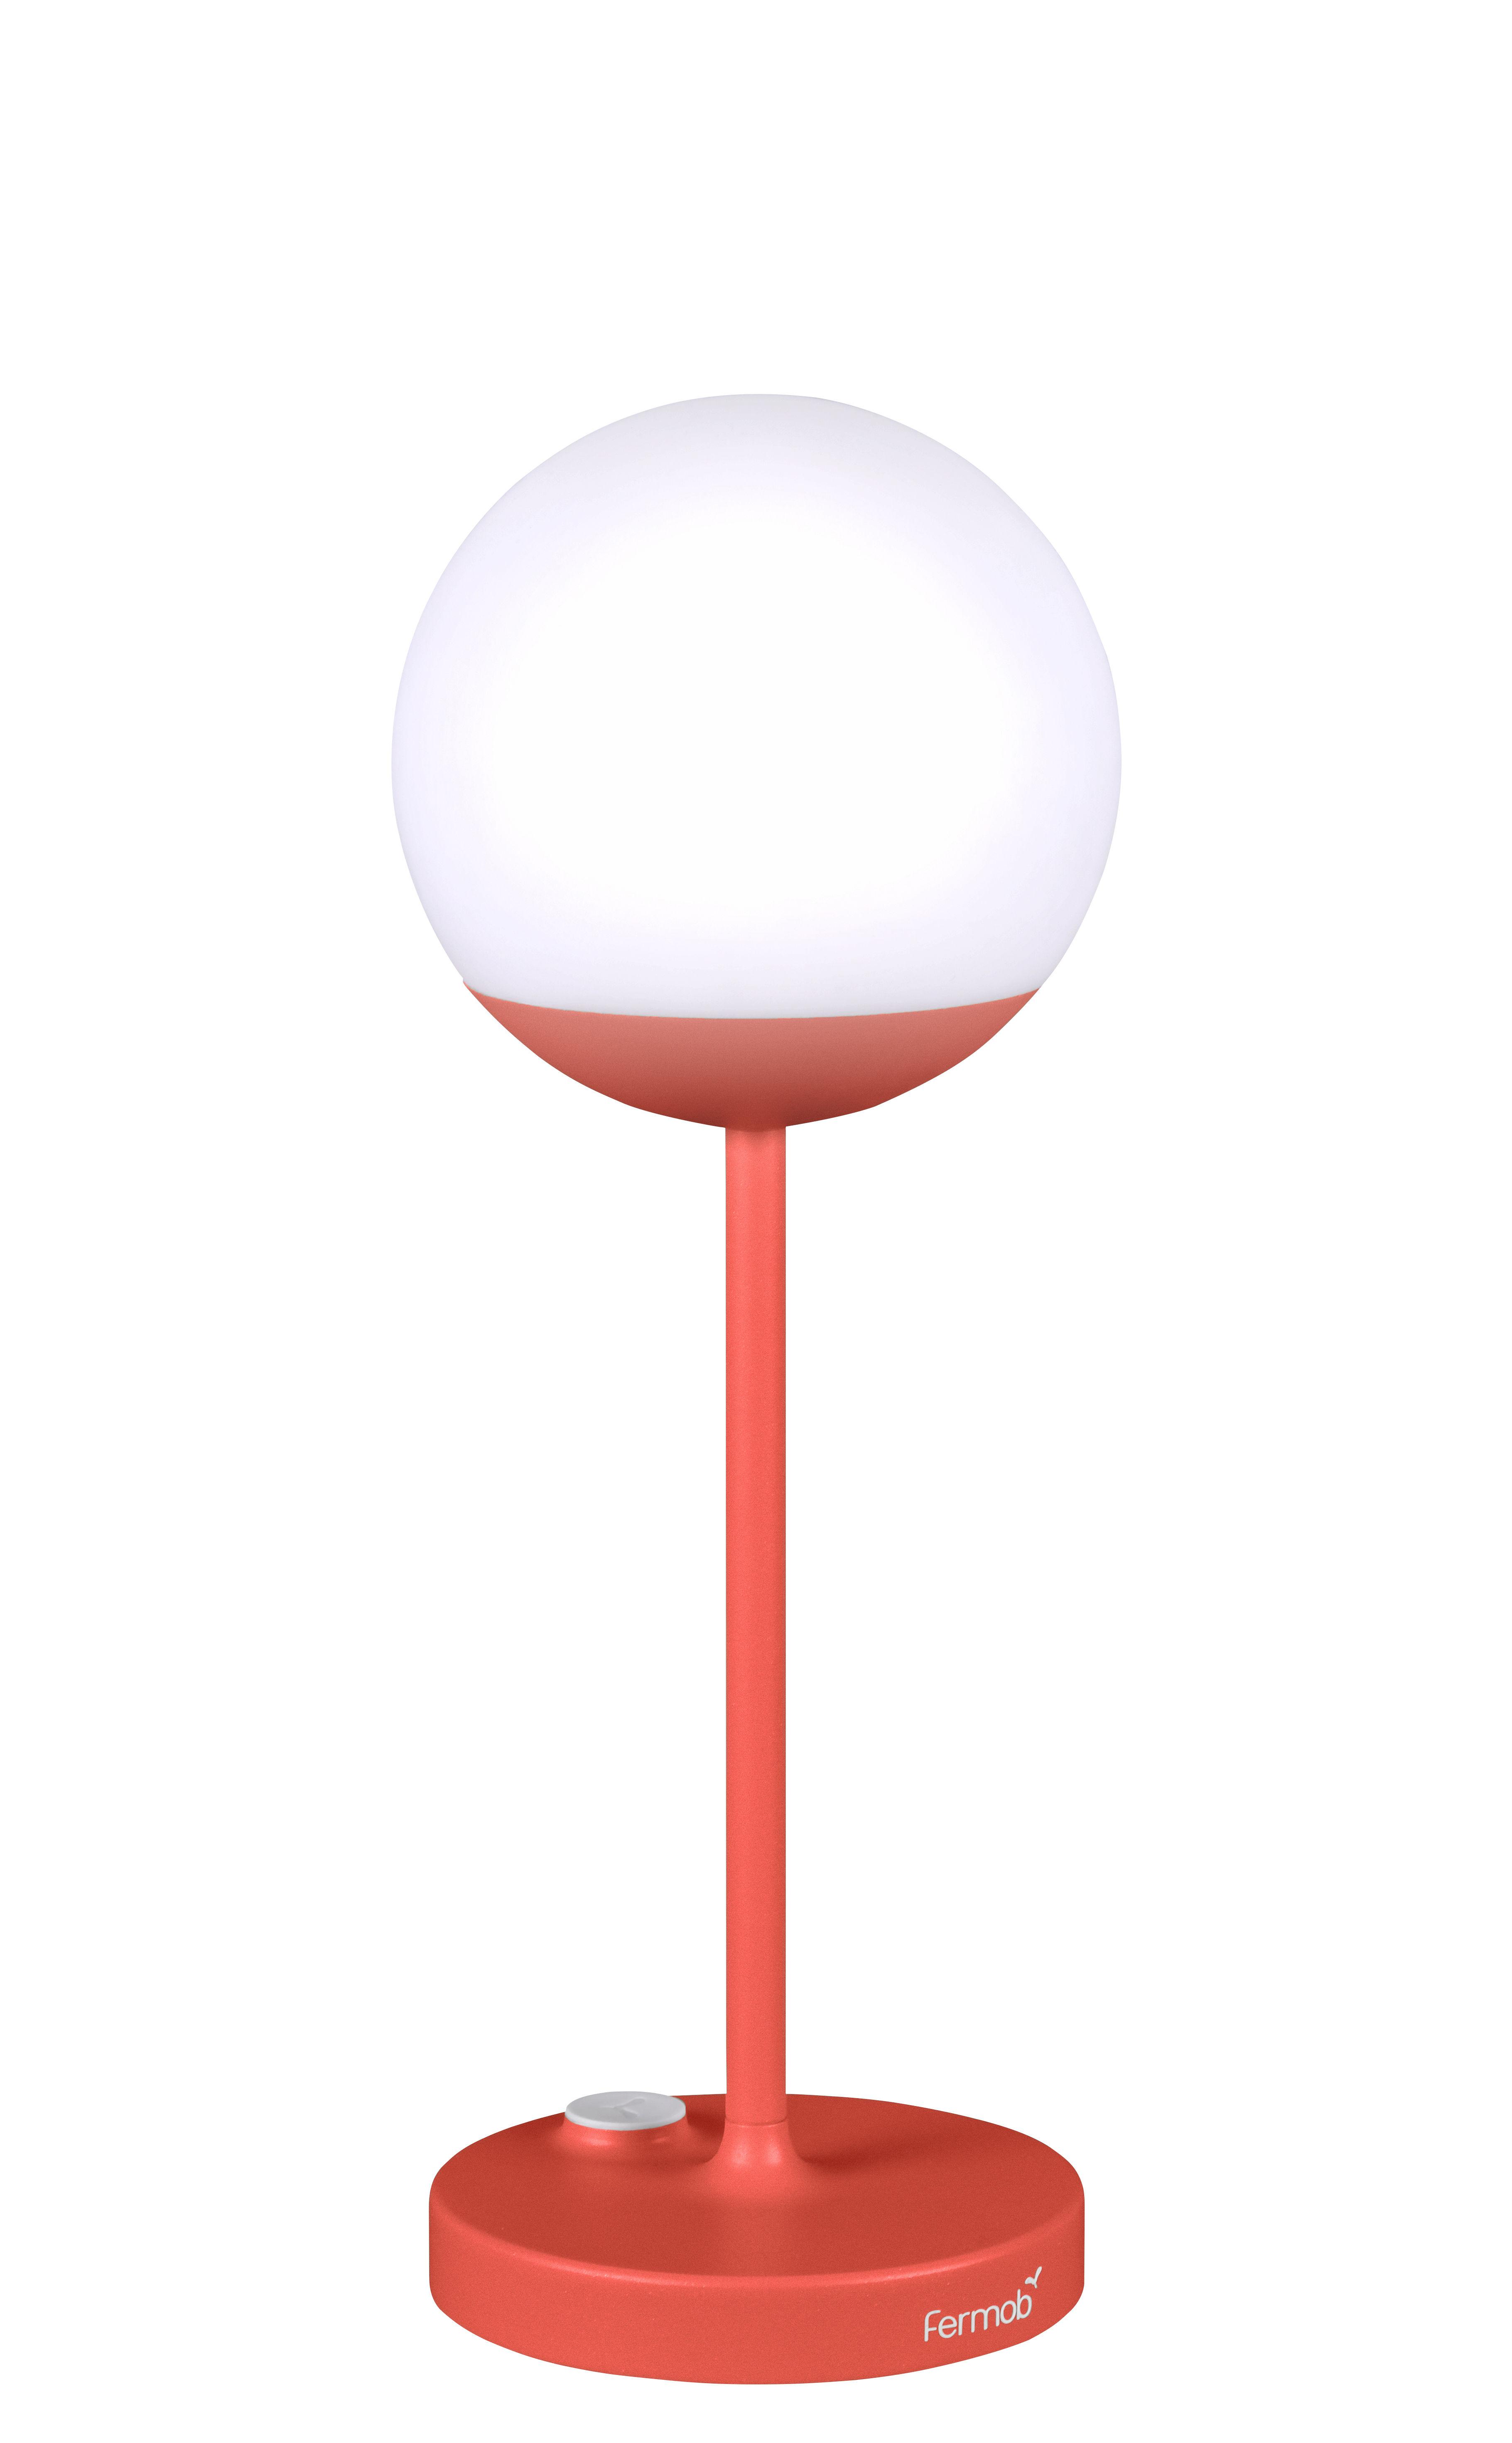 Leuchten - Tischleuchten - Mooon! LED Lampe ohne Kabel / H 41 cm - mit USB-Ladekabel - Fermob - Capucine - Aluminium, Polyäthylen